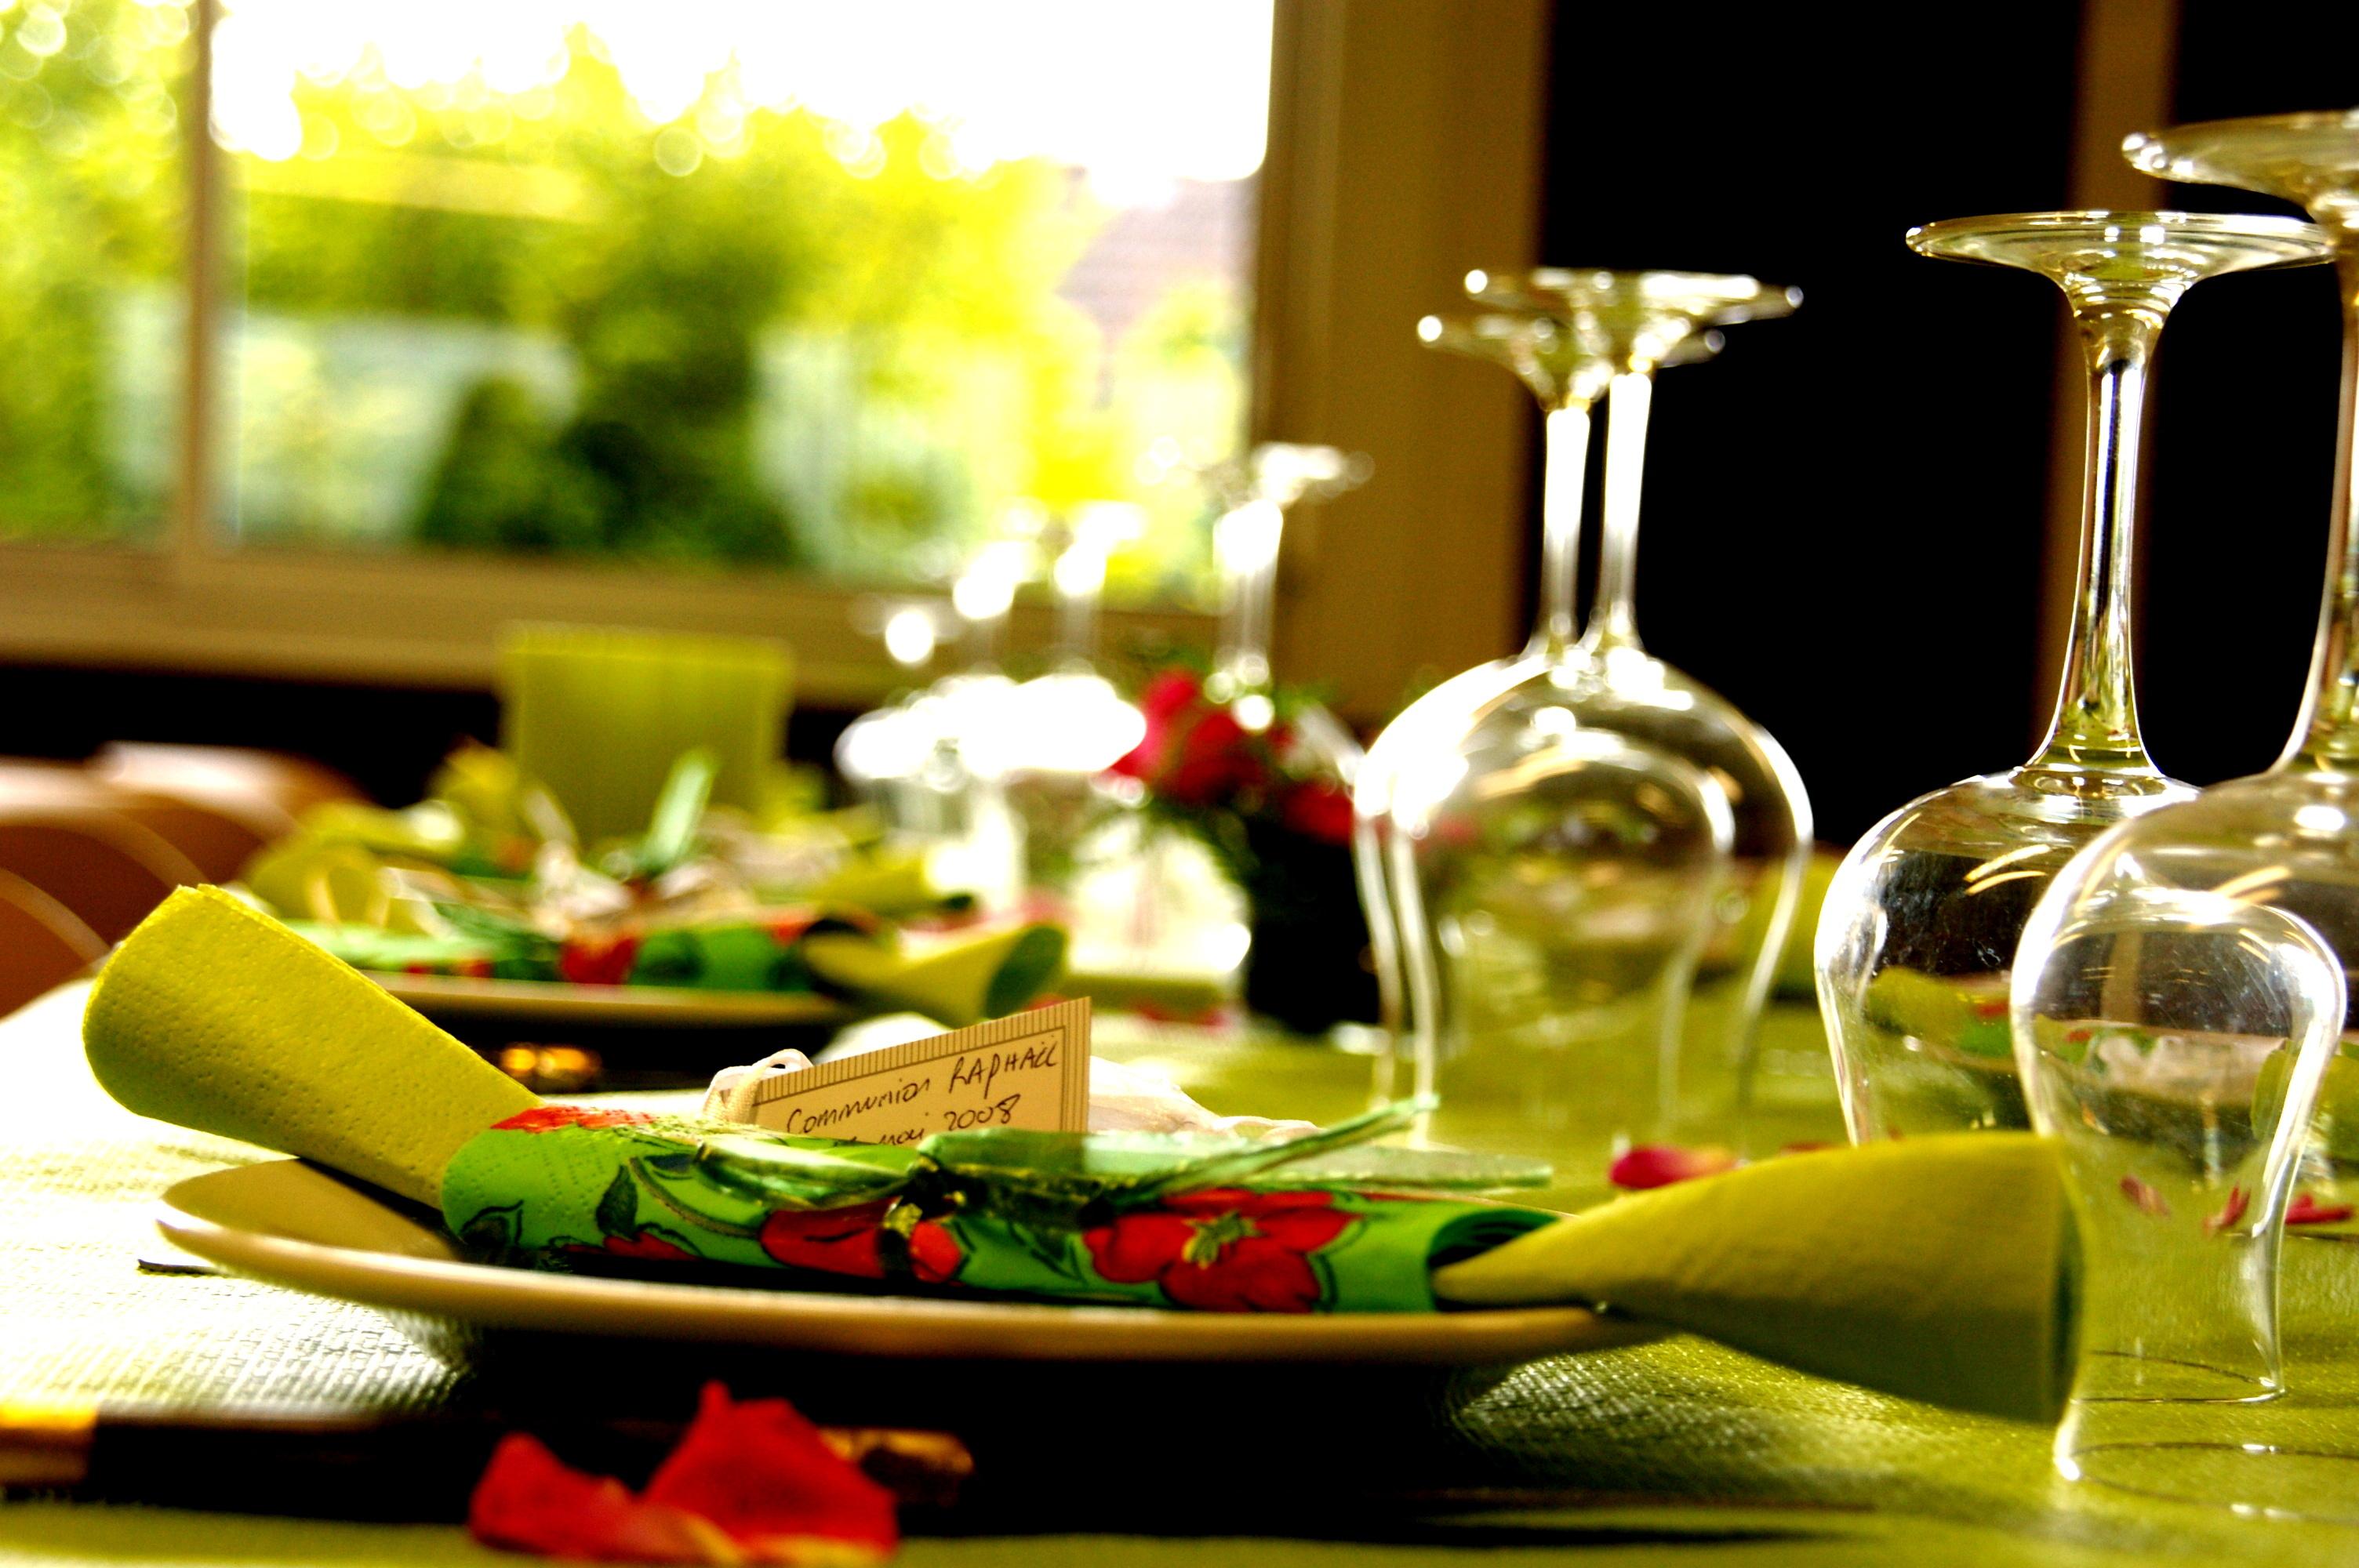 http://lerablog.org/wp-content/uploads/2013/07/Restaurant-Business.jpg